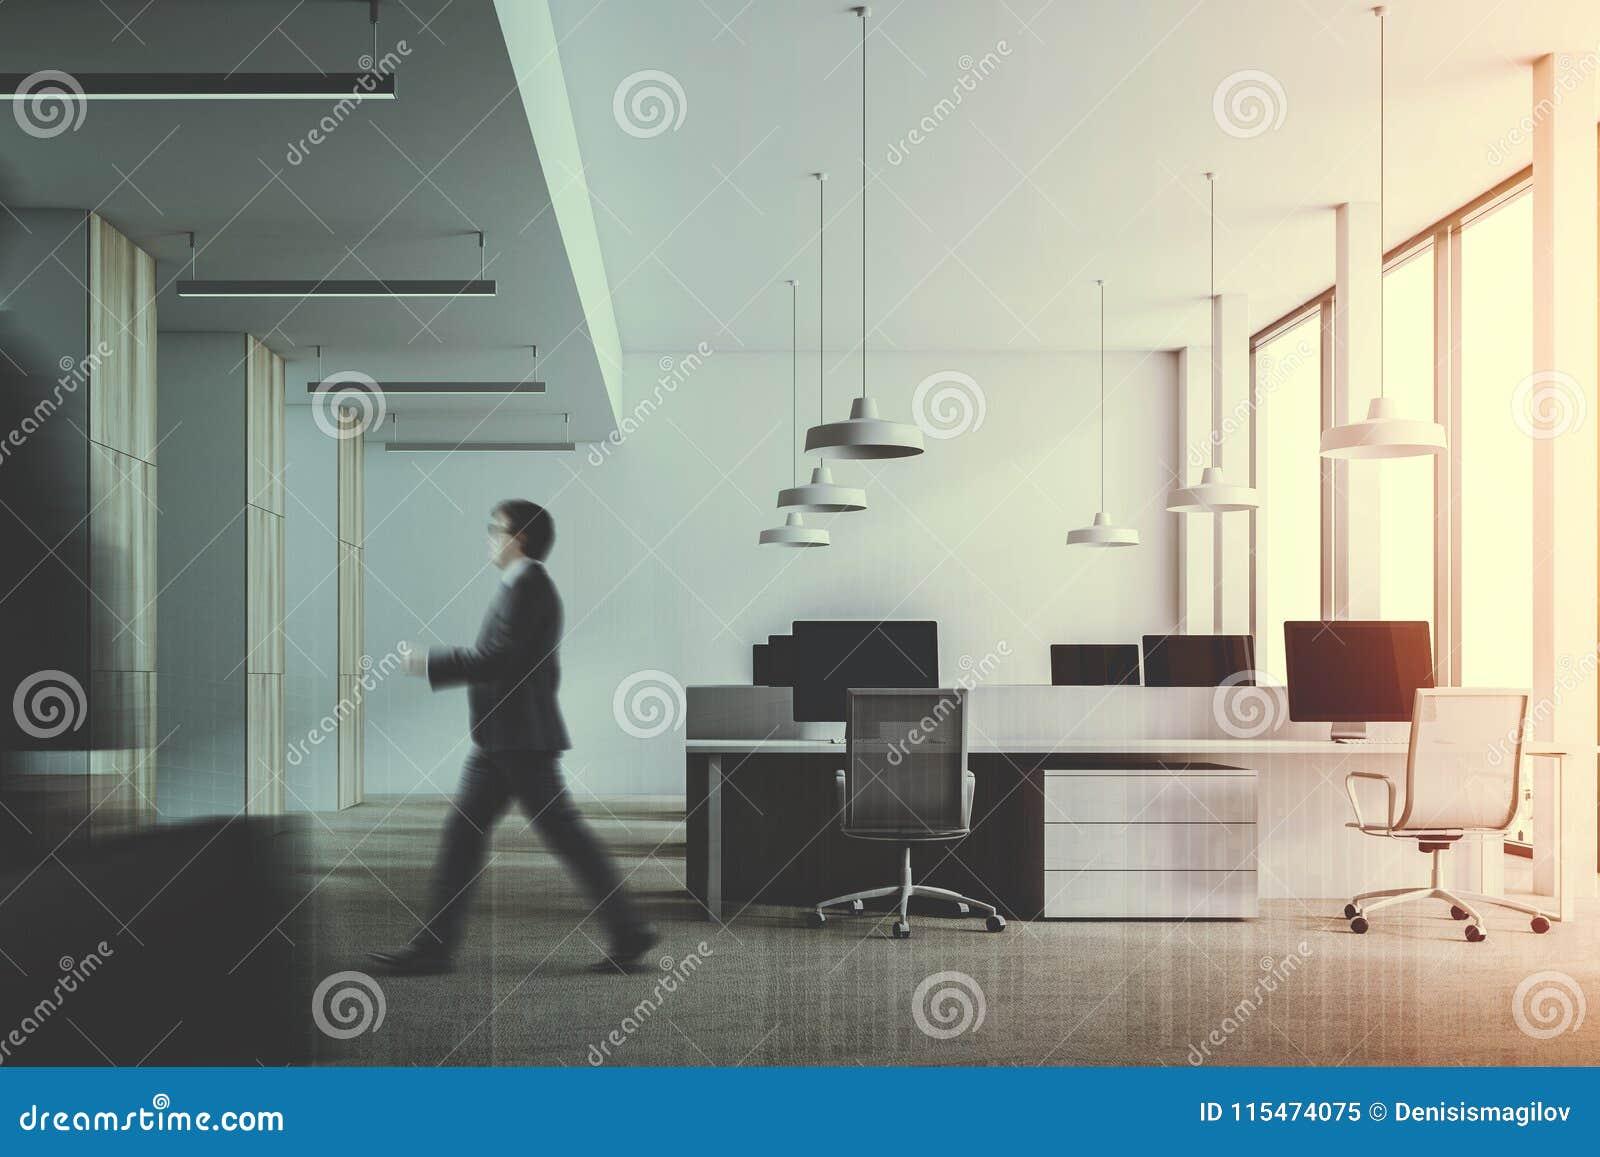 Ufficio Legno Bianco : Ufficio di legno bianco e scuro tonificato immagine stock immagine